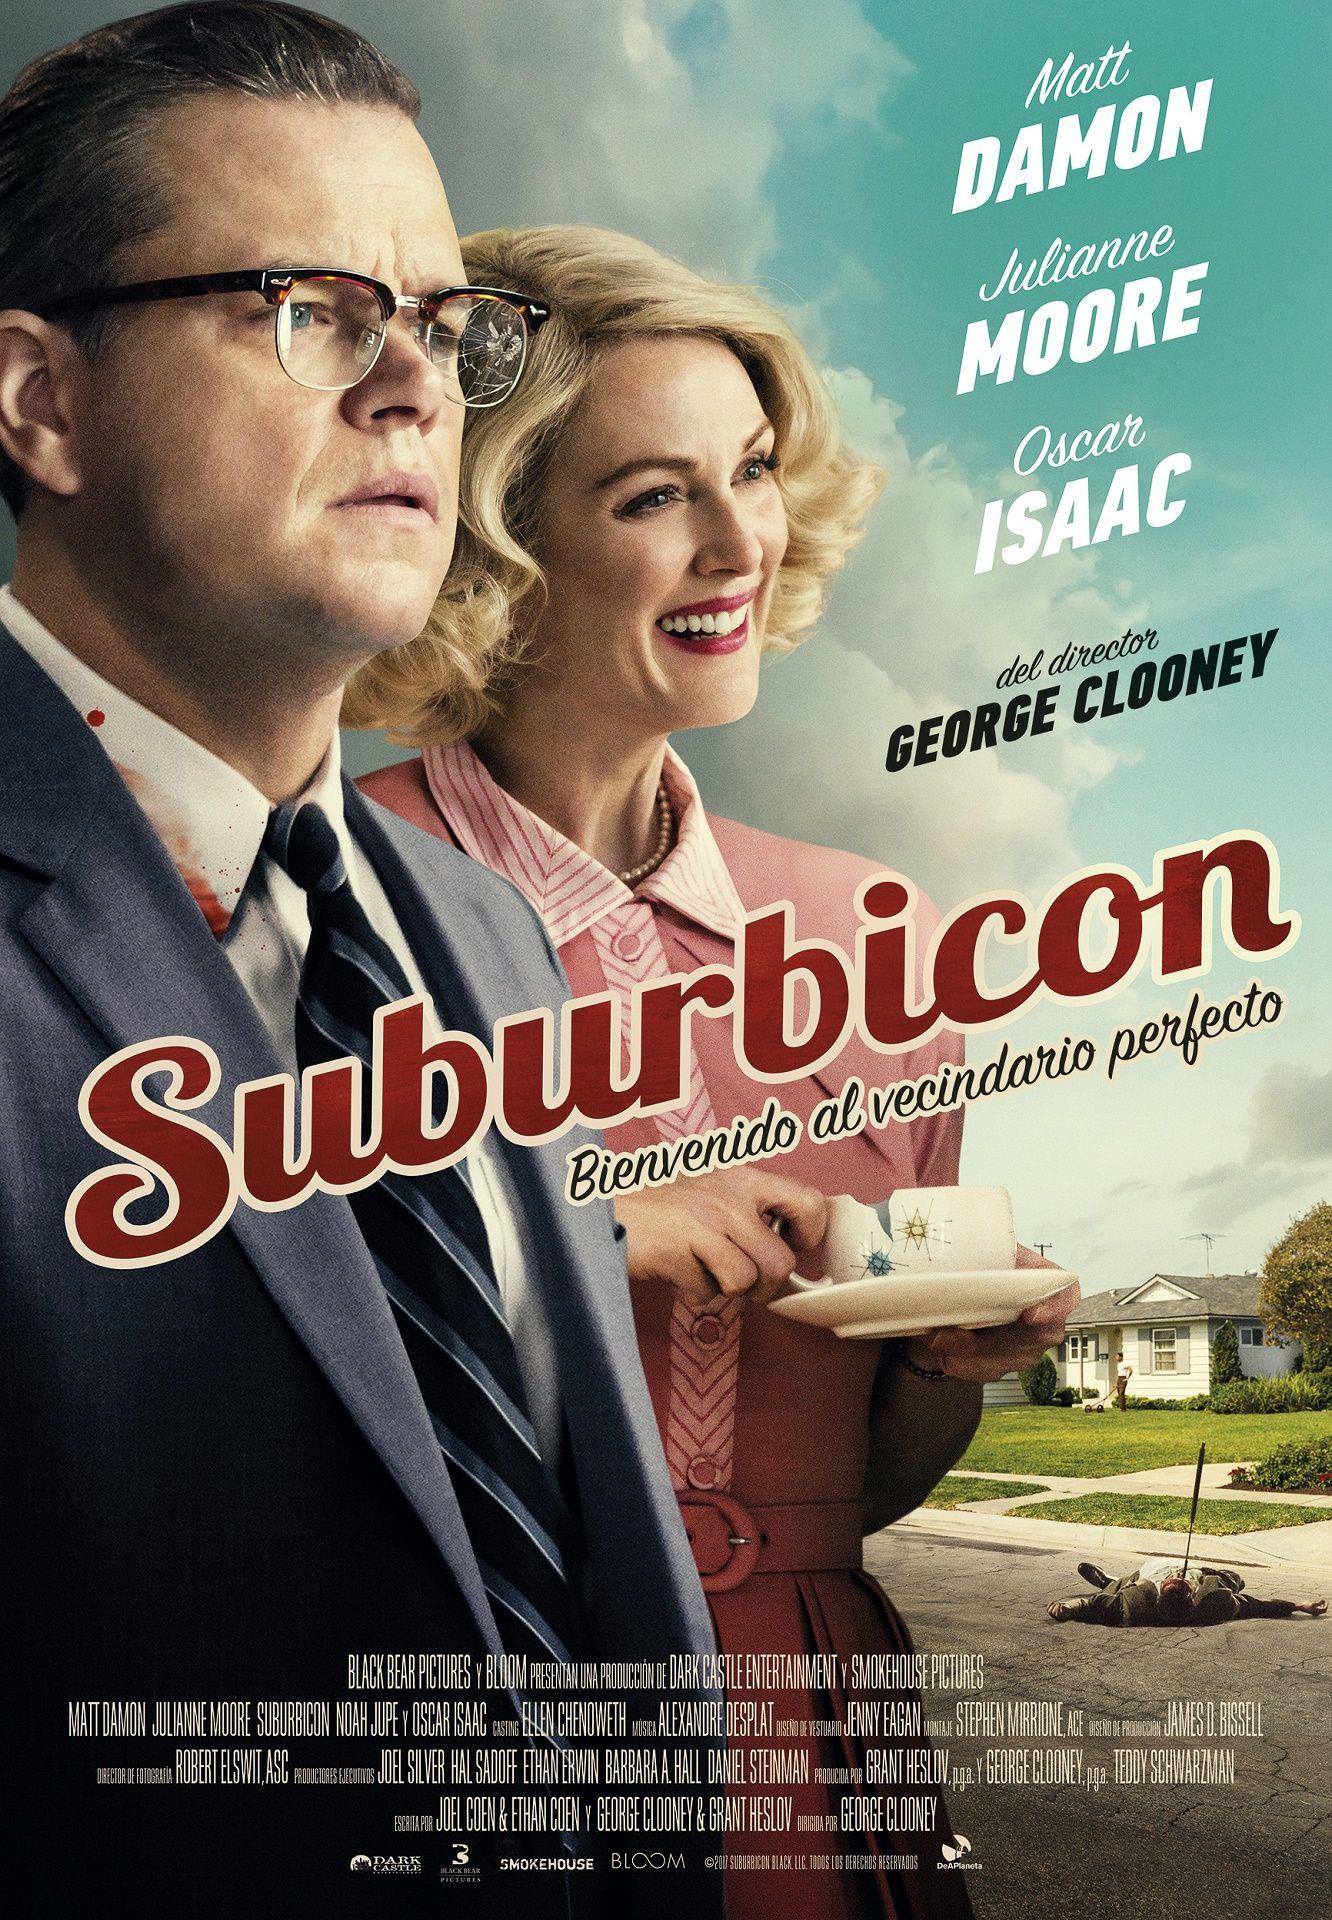 Una Película Dirigida Por George Clooney Suburbicon En El Caluroso Verano De 1959 La Hasta Entonces Pacífica Comunidad Peliculas Matt Damon Noticias De Cine